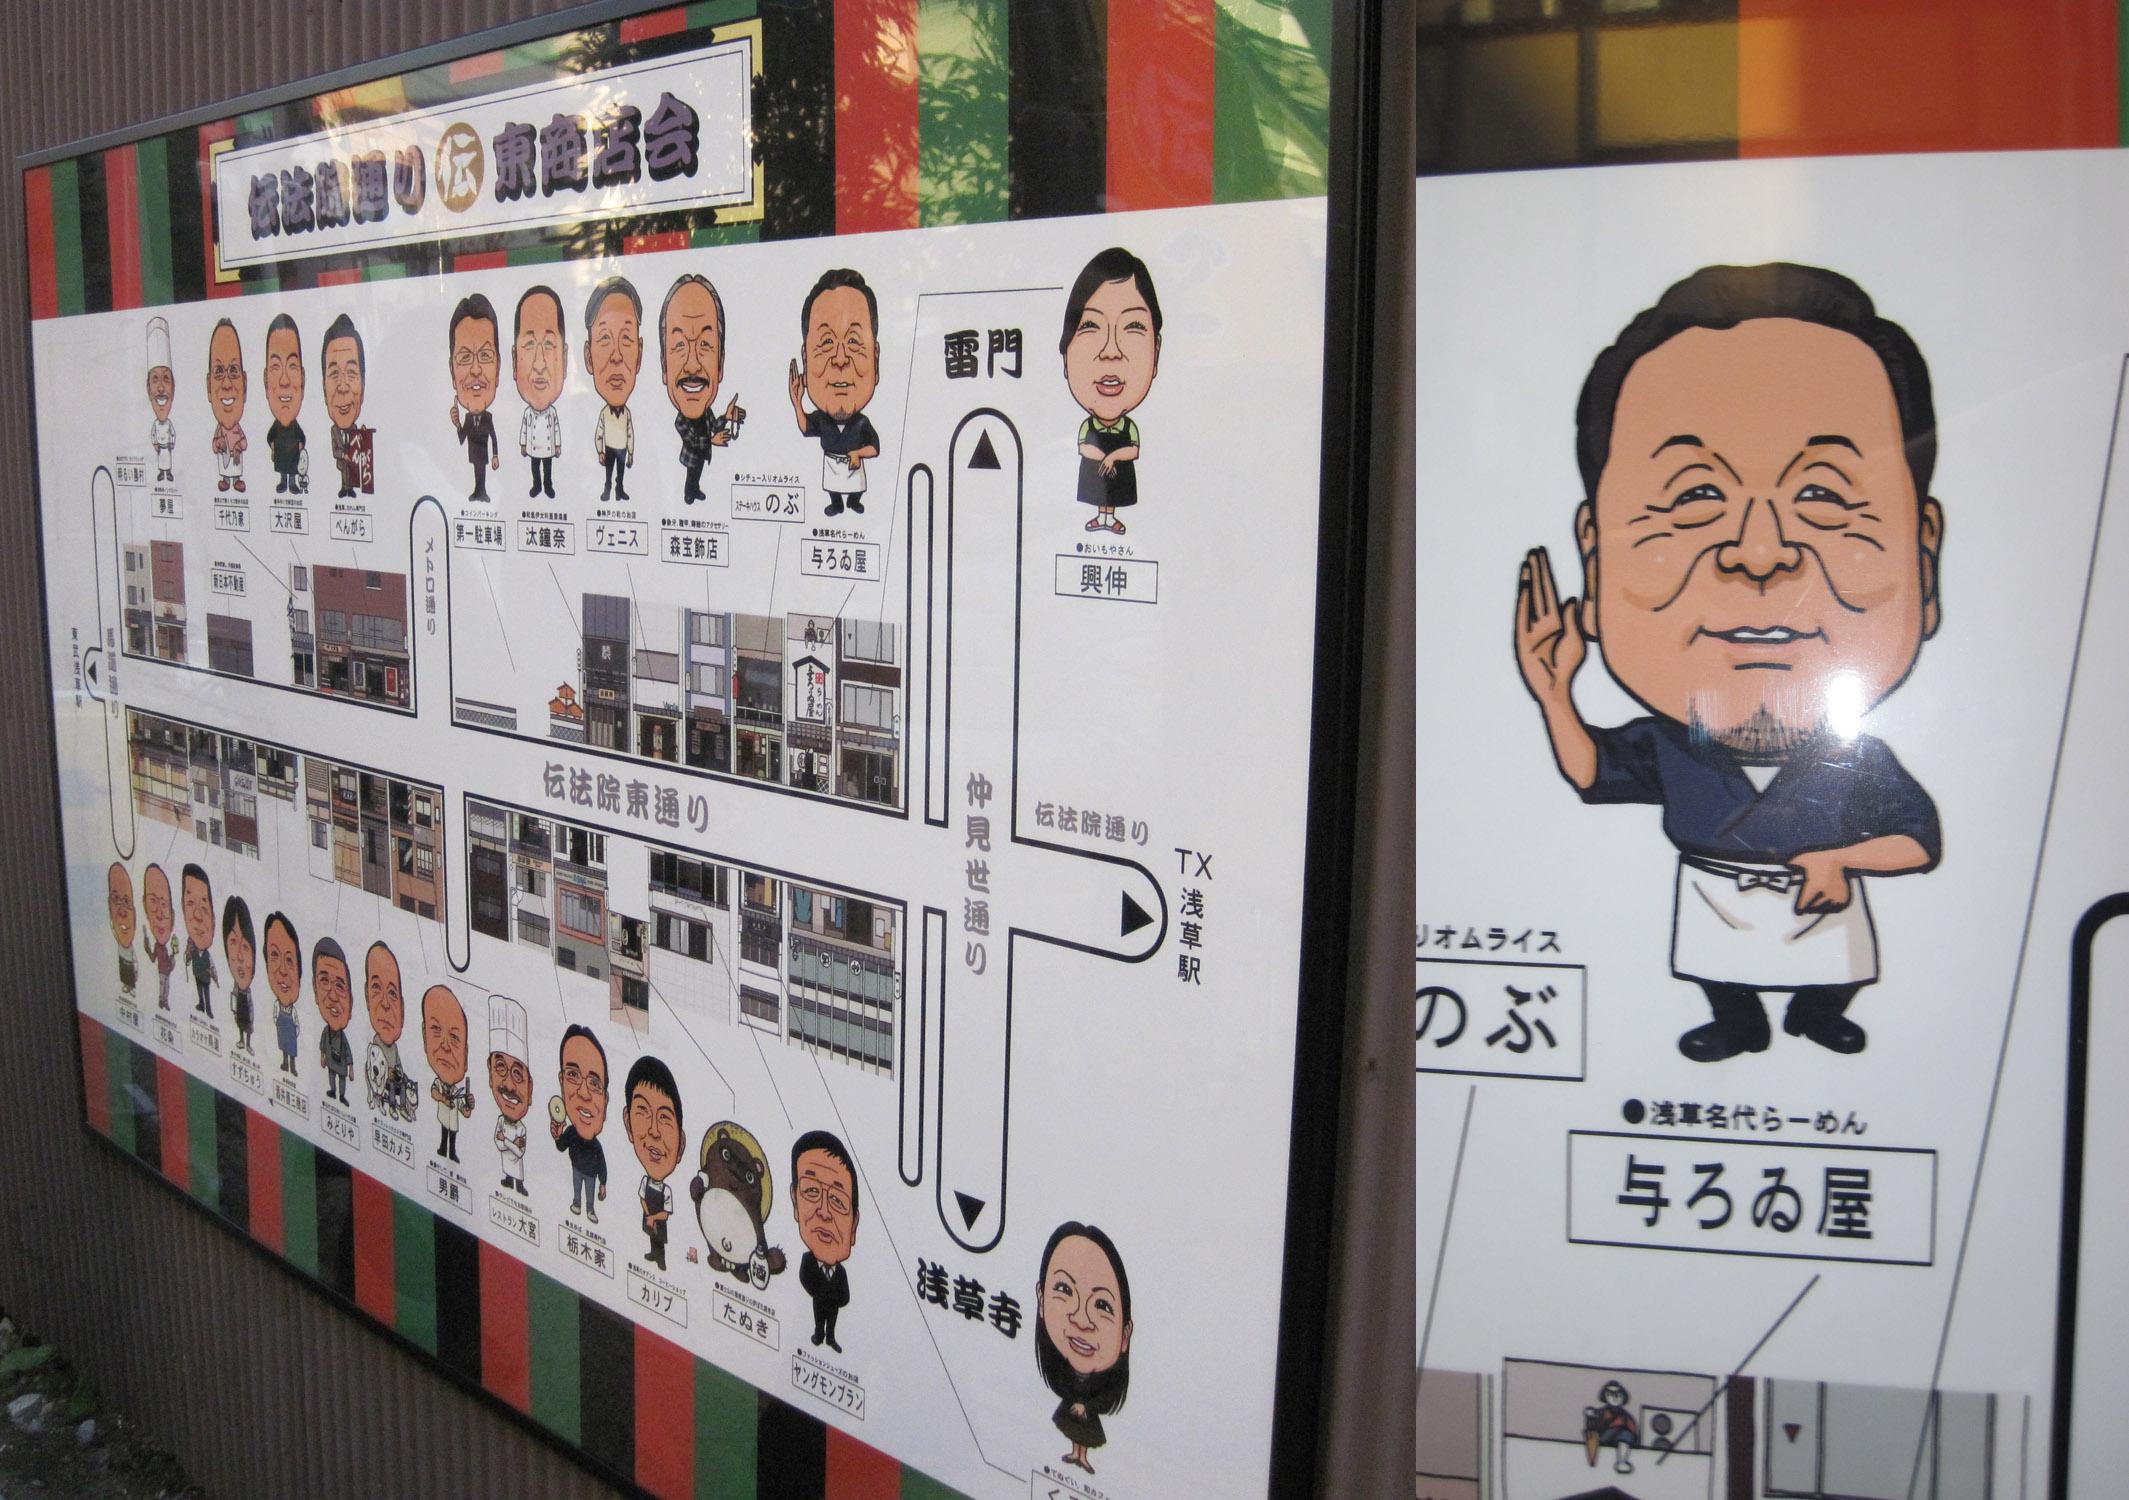 Relación de propietarios de comercios en Asakusa